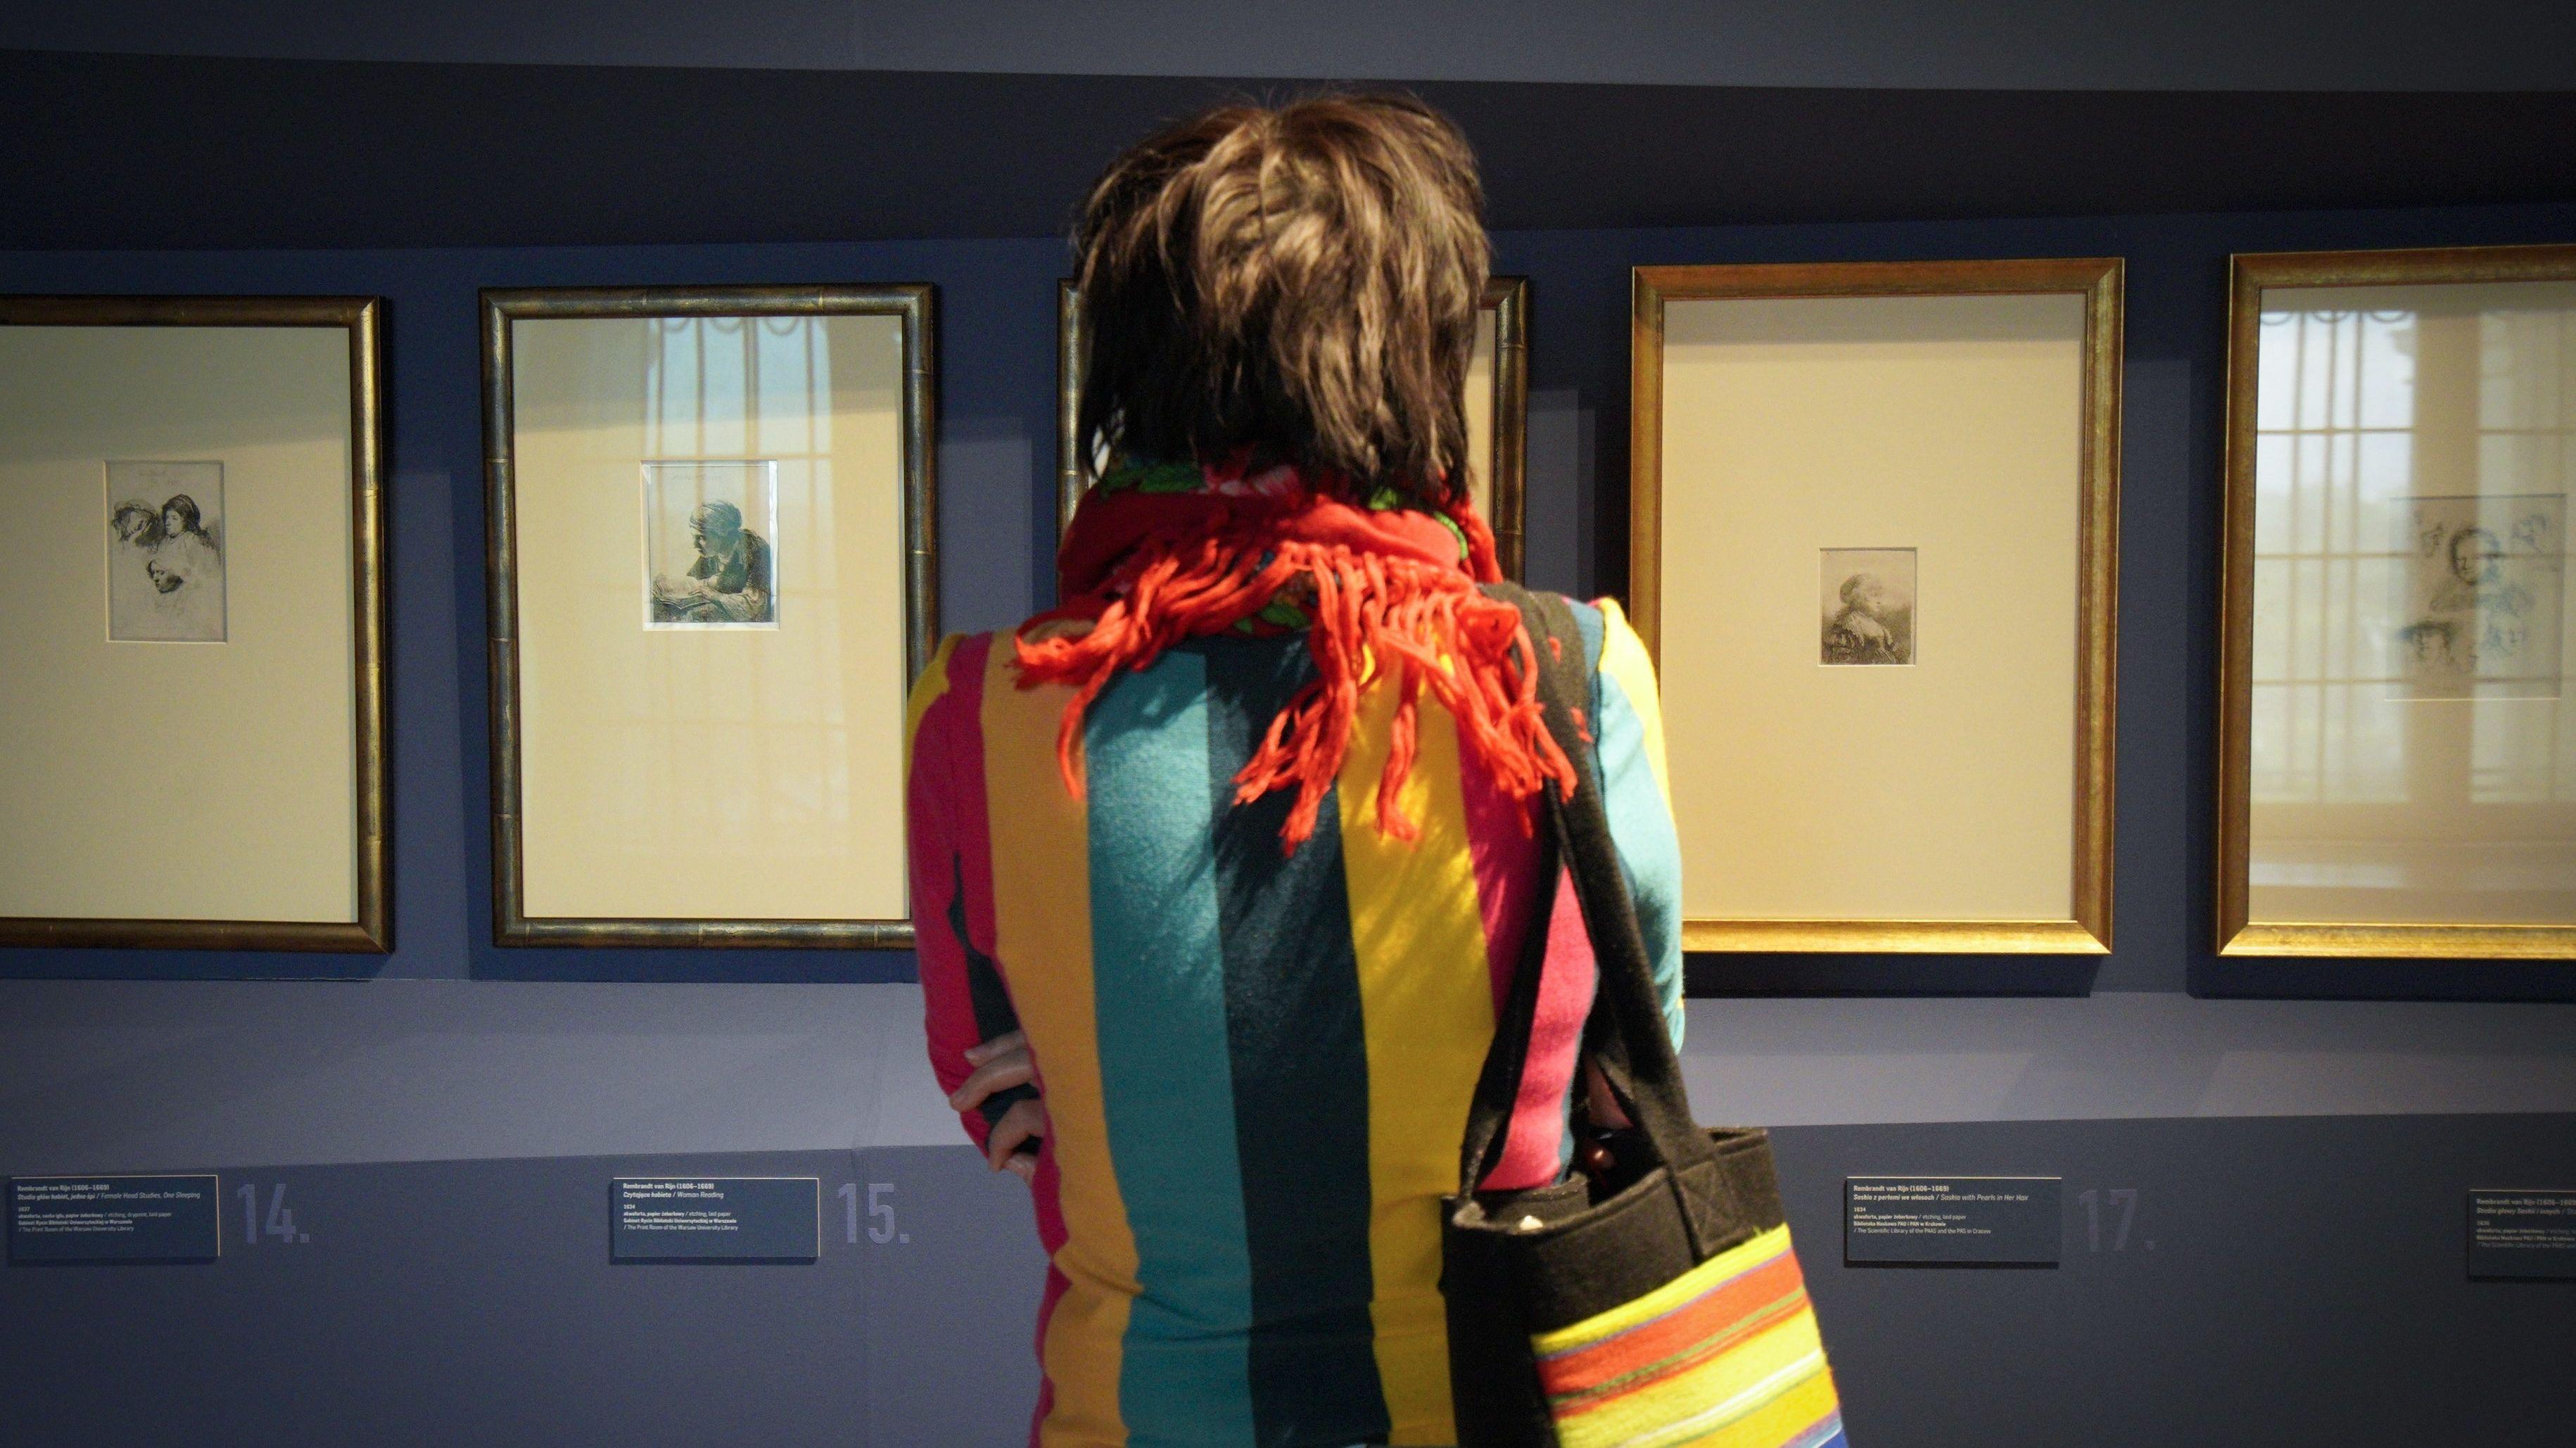 Eine Frau steht vor Gemälden in einem Museum.